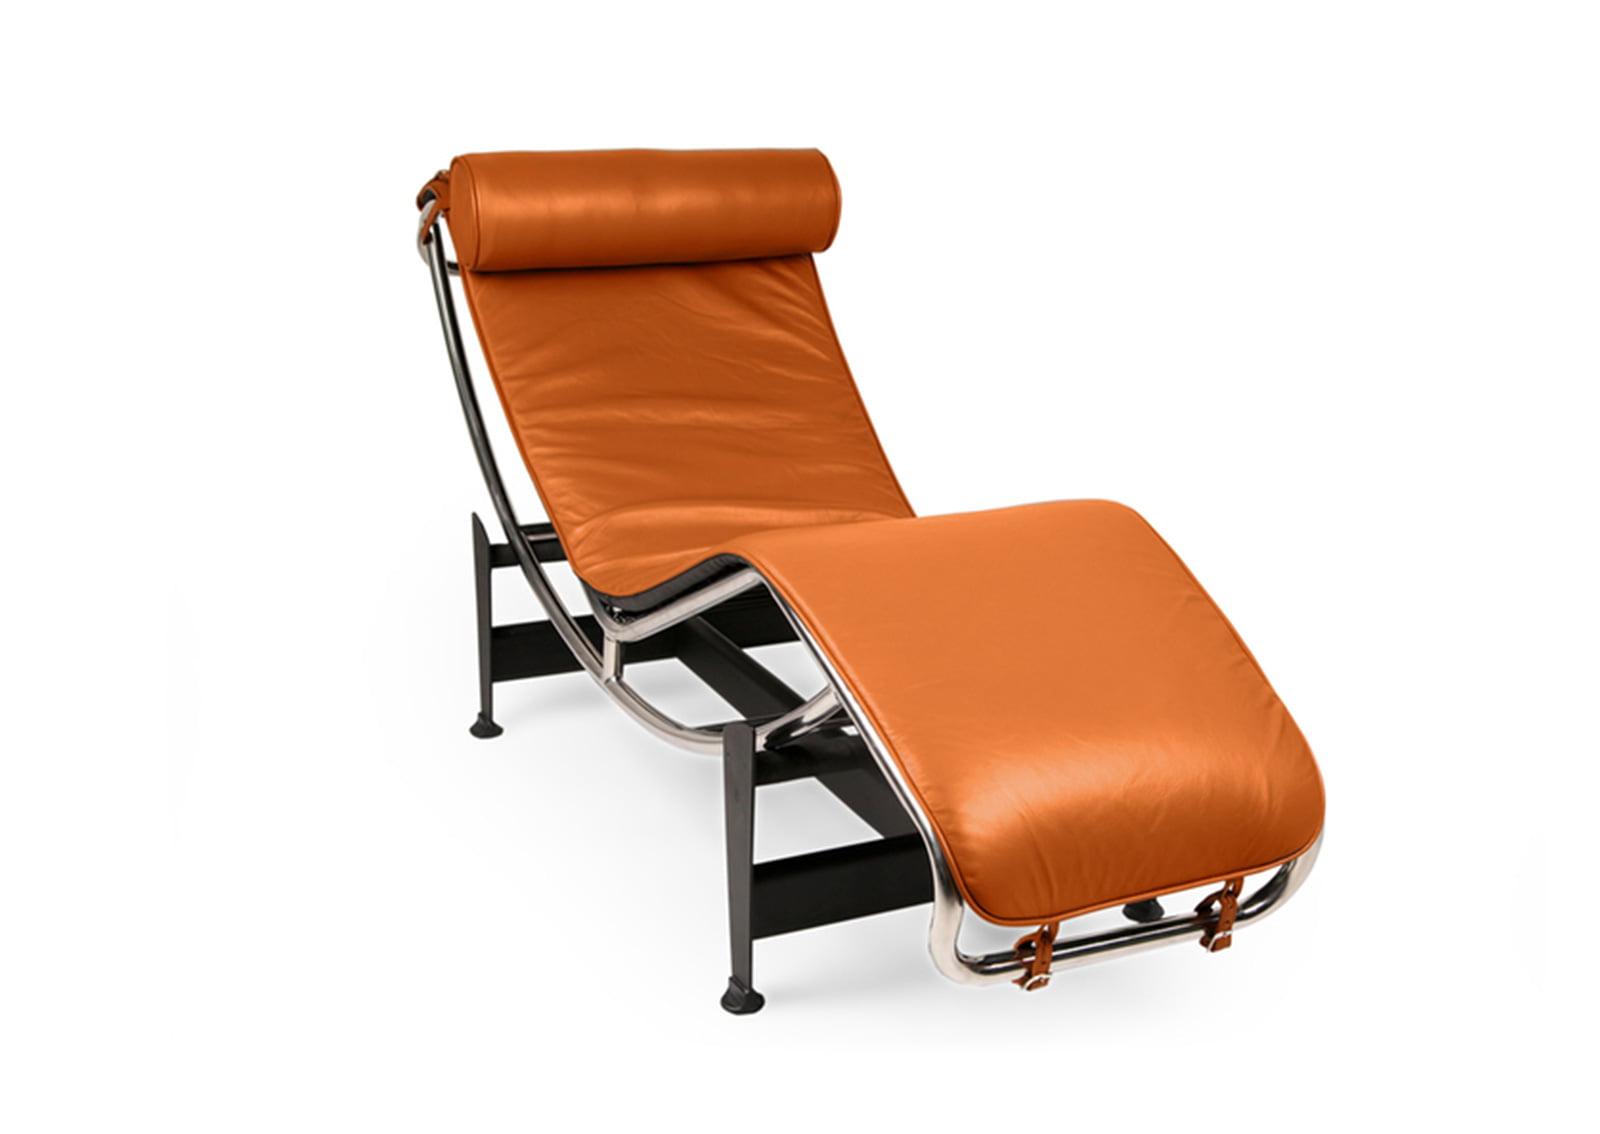 Lc4 chaise lounge le corbusier style furnishplus - Chaise le corbusier prix ...